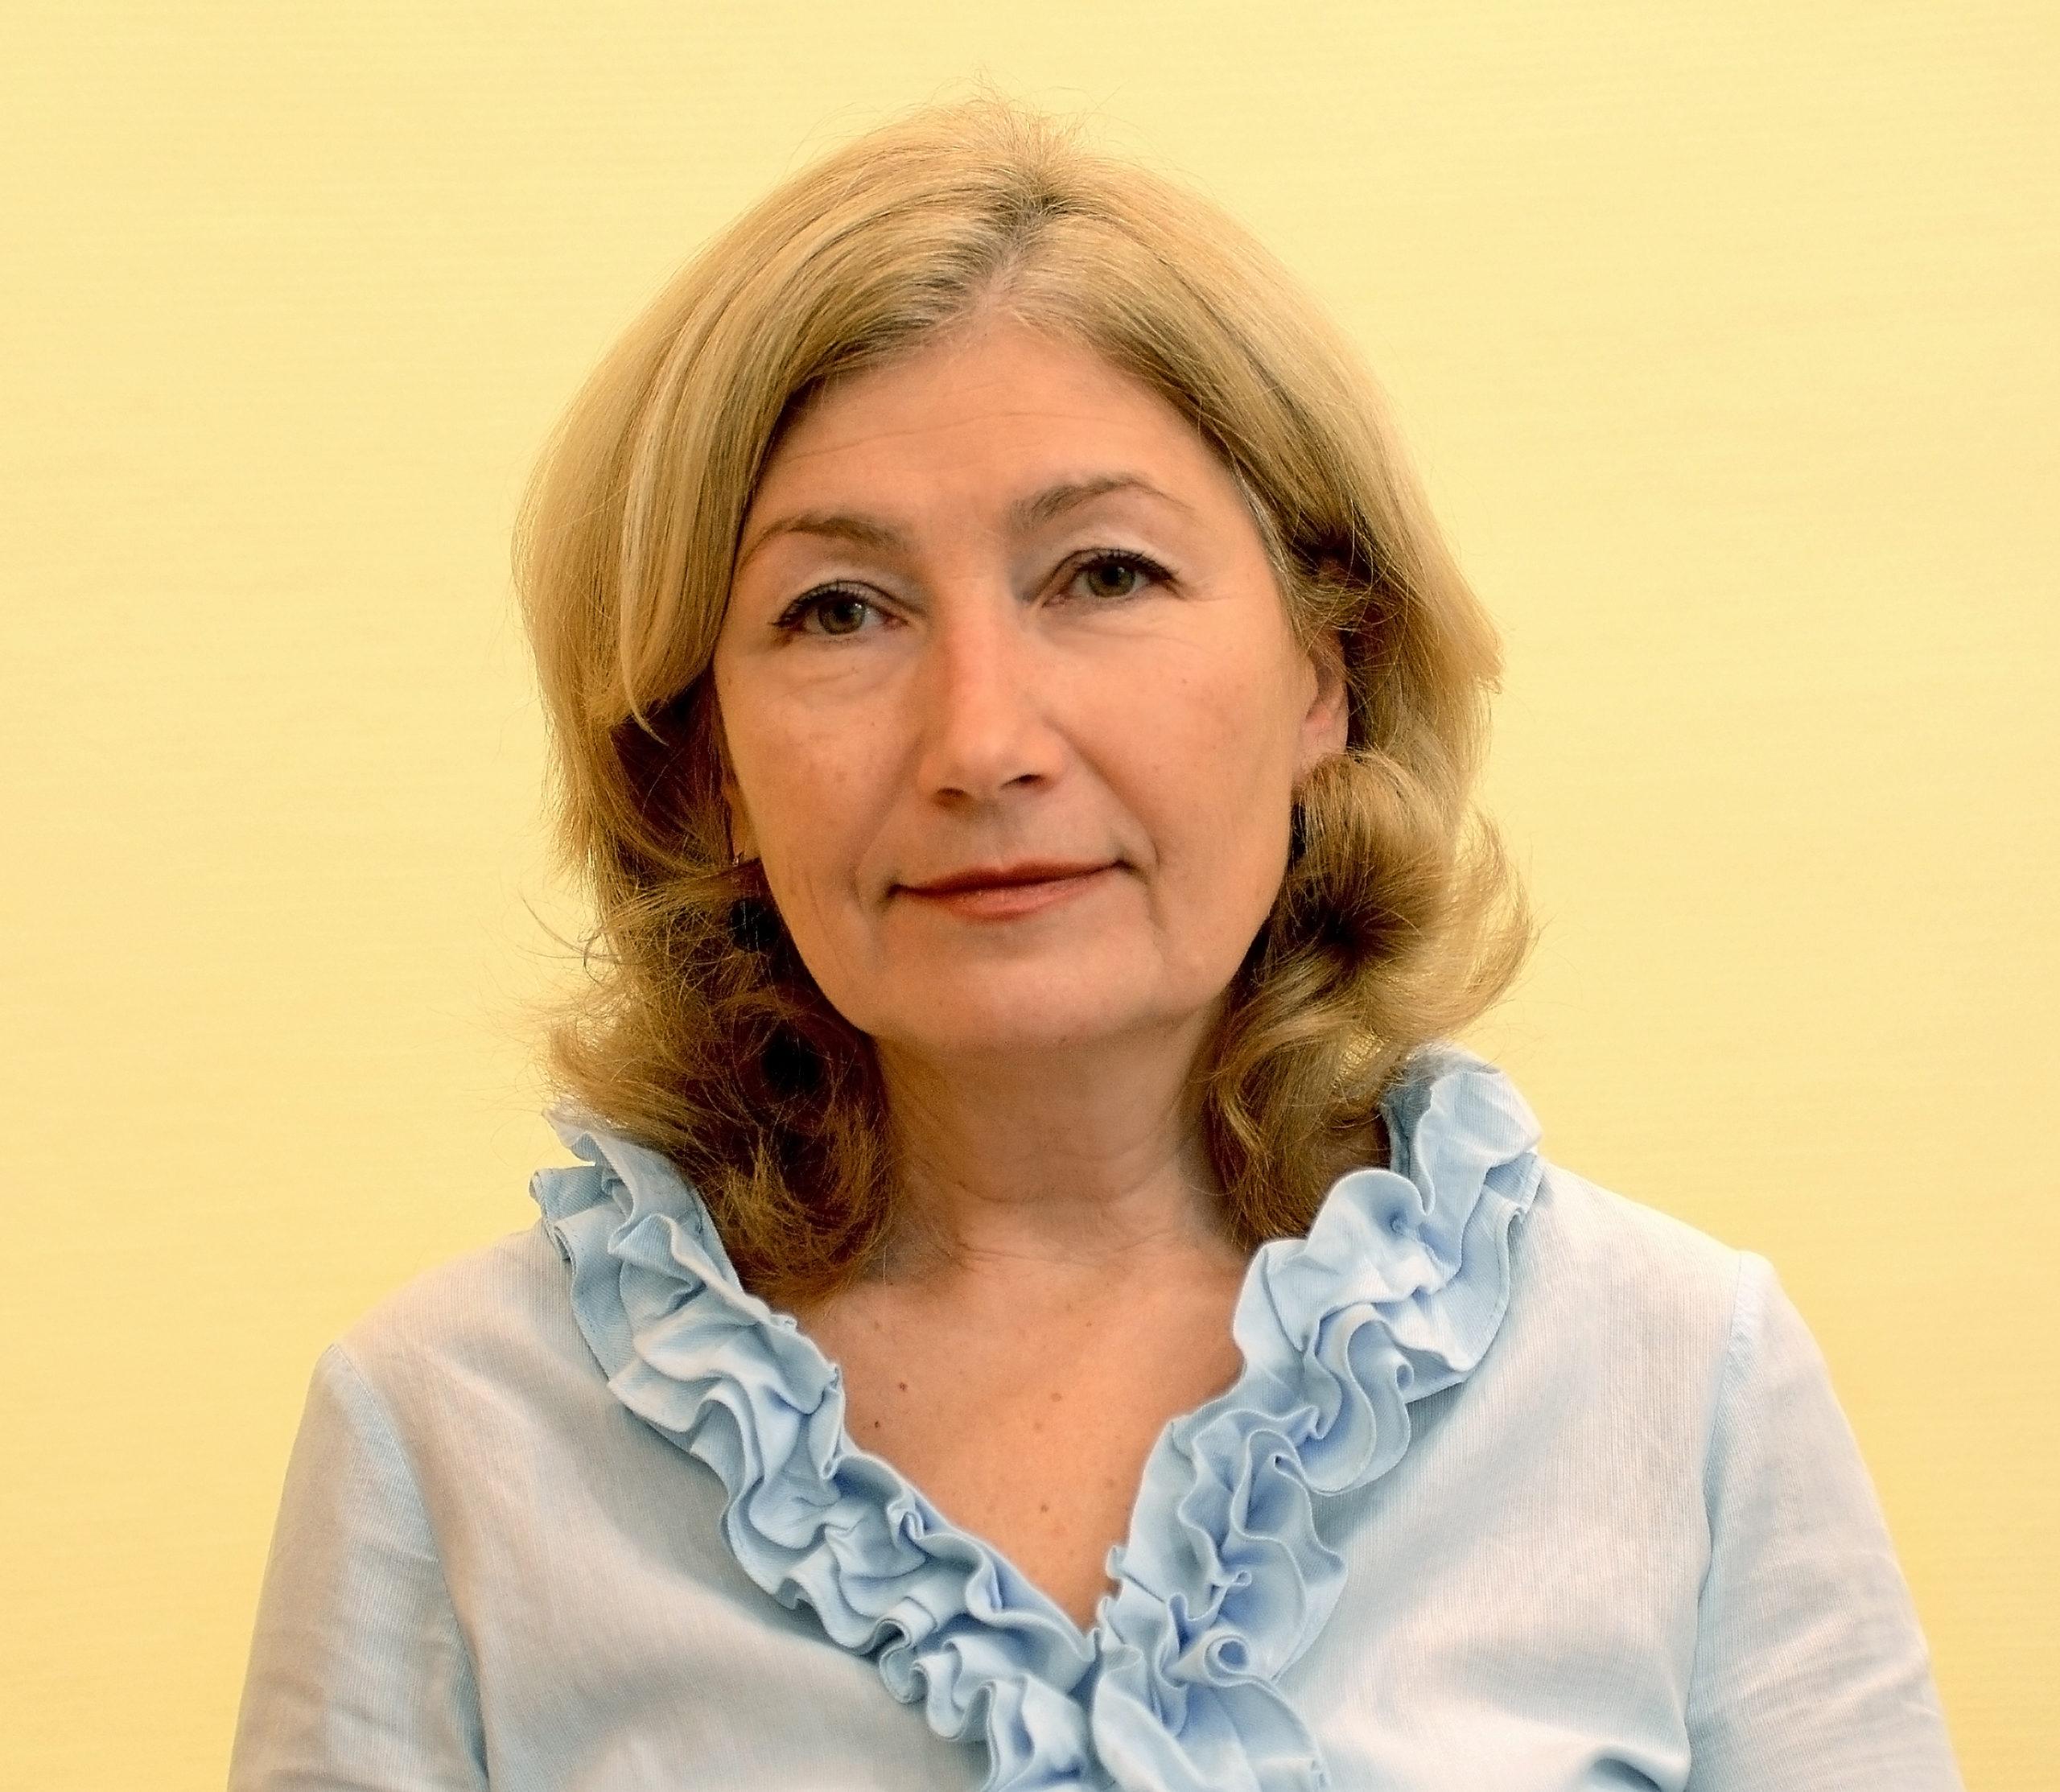 Людмила Ромицына: Наука не должна развиваться ради науки